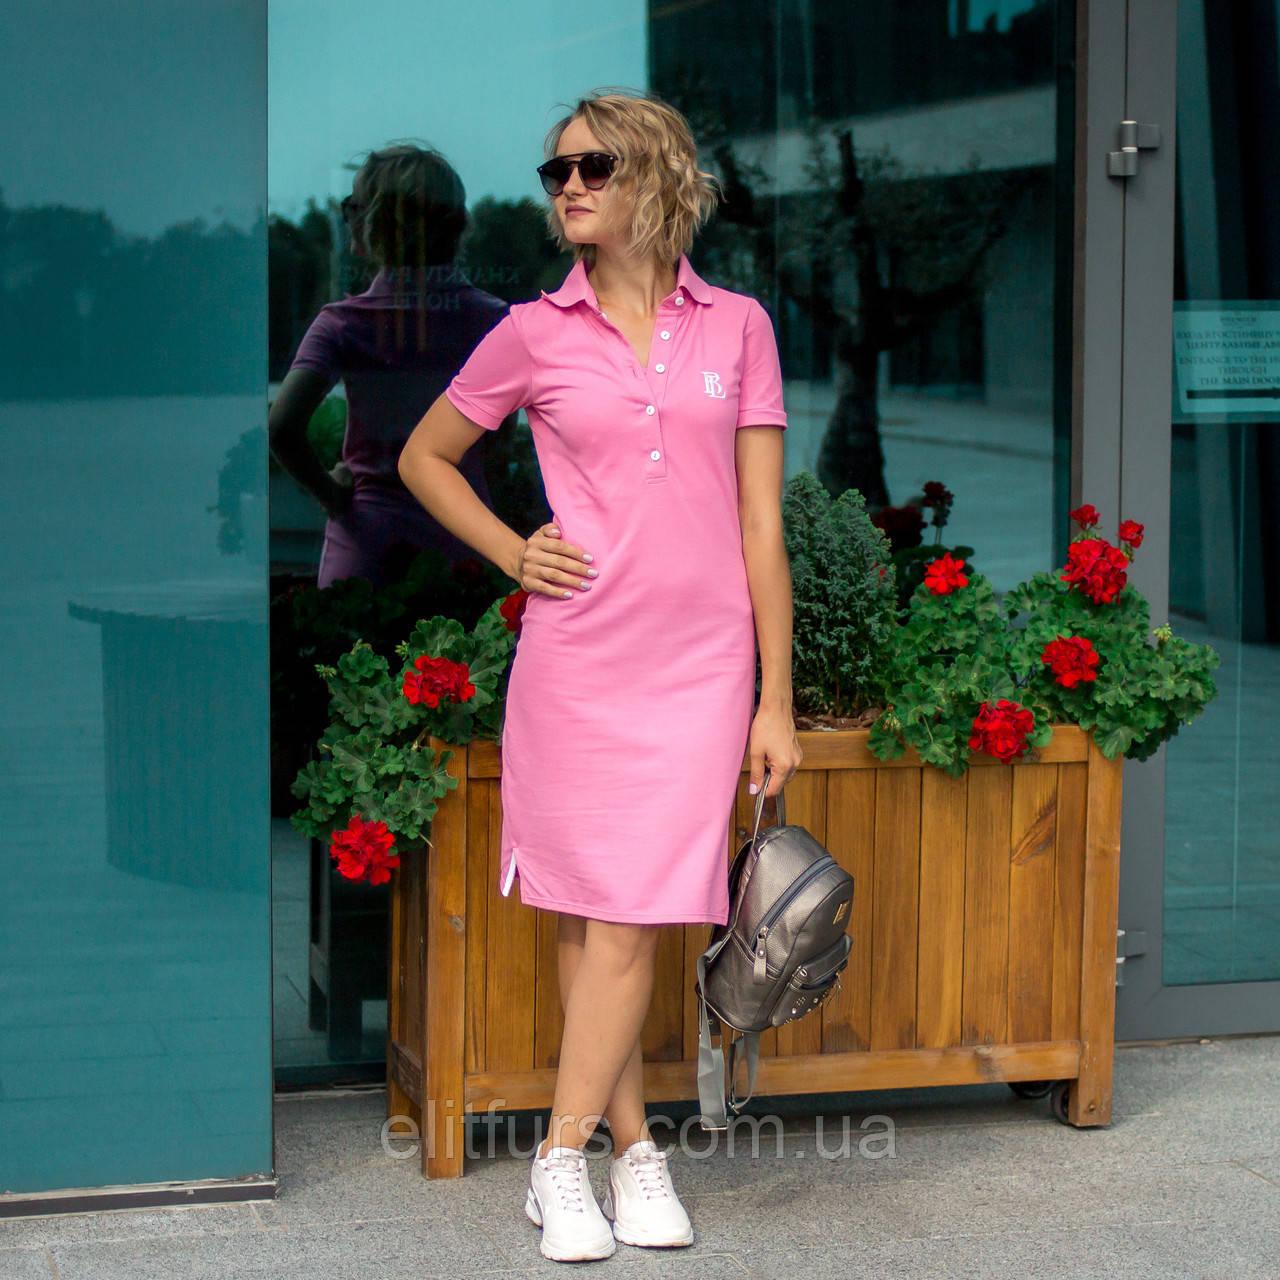 f6a2352c9b3 Купить Платье-поло летнее 100 % хлопок в Харькове от компании ...